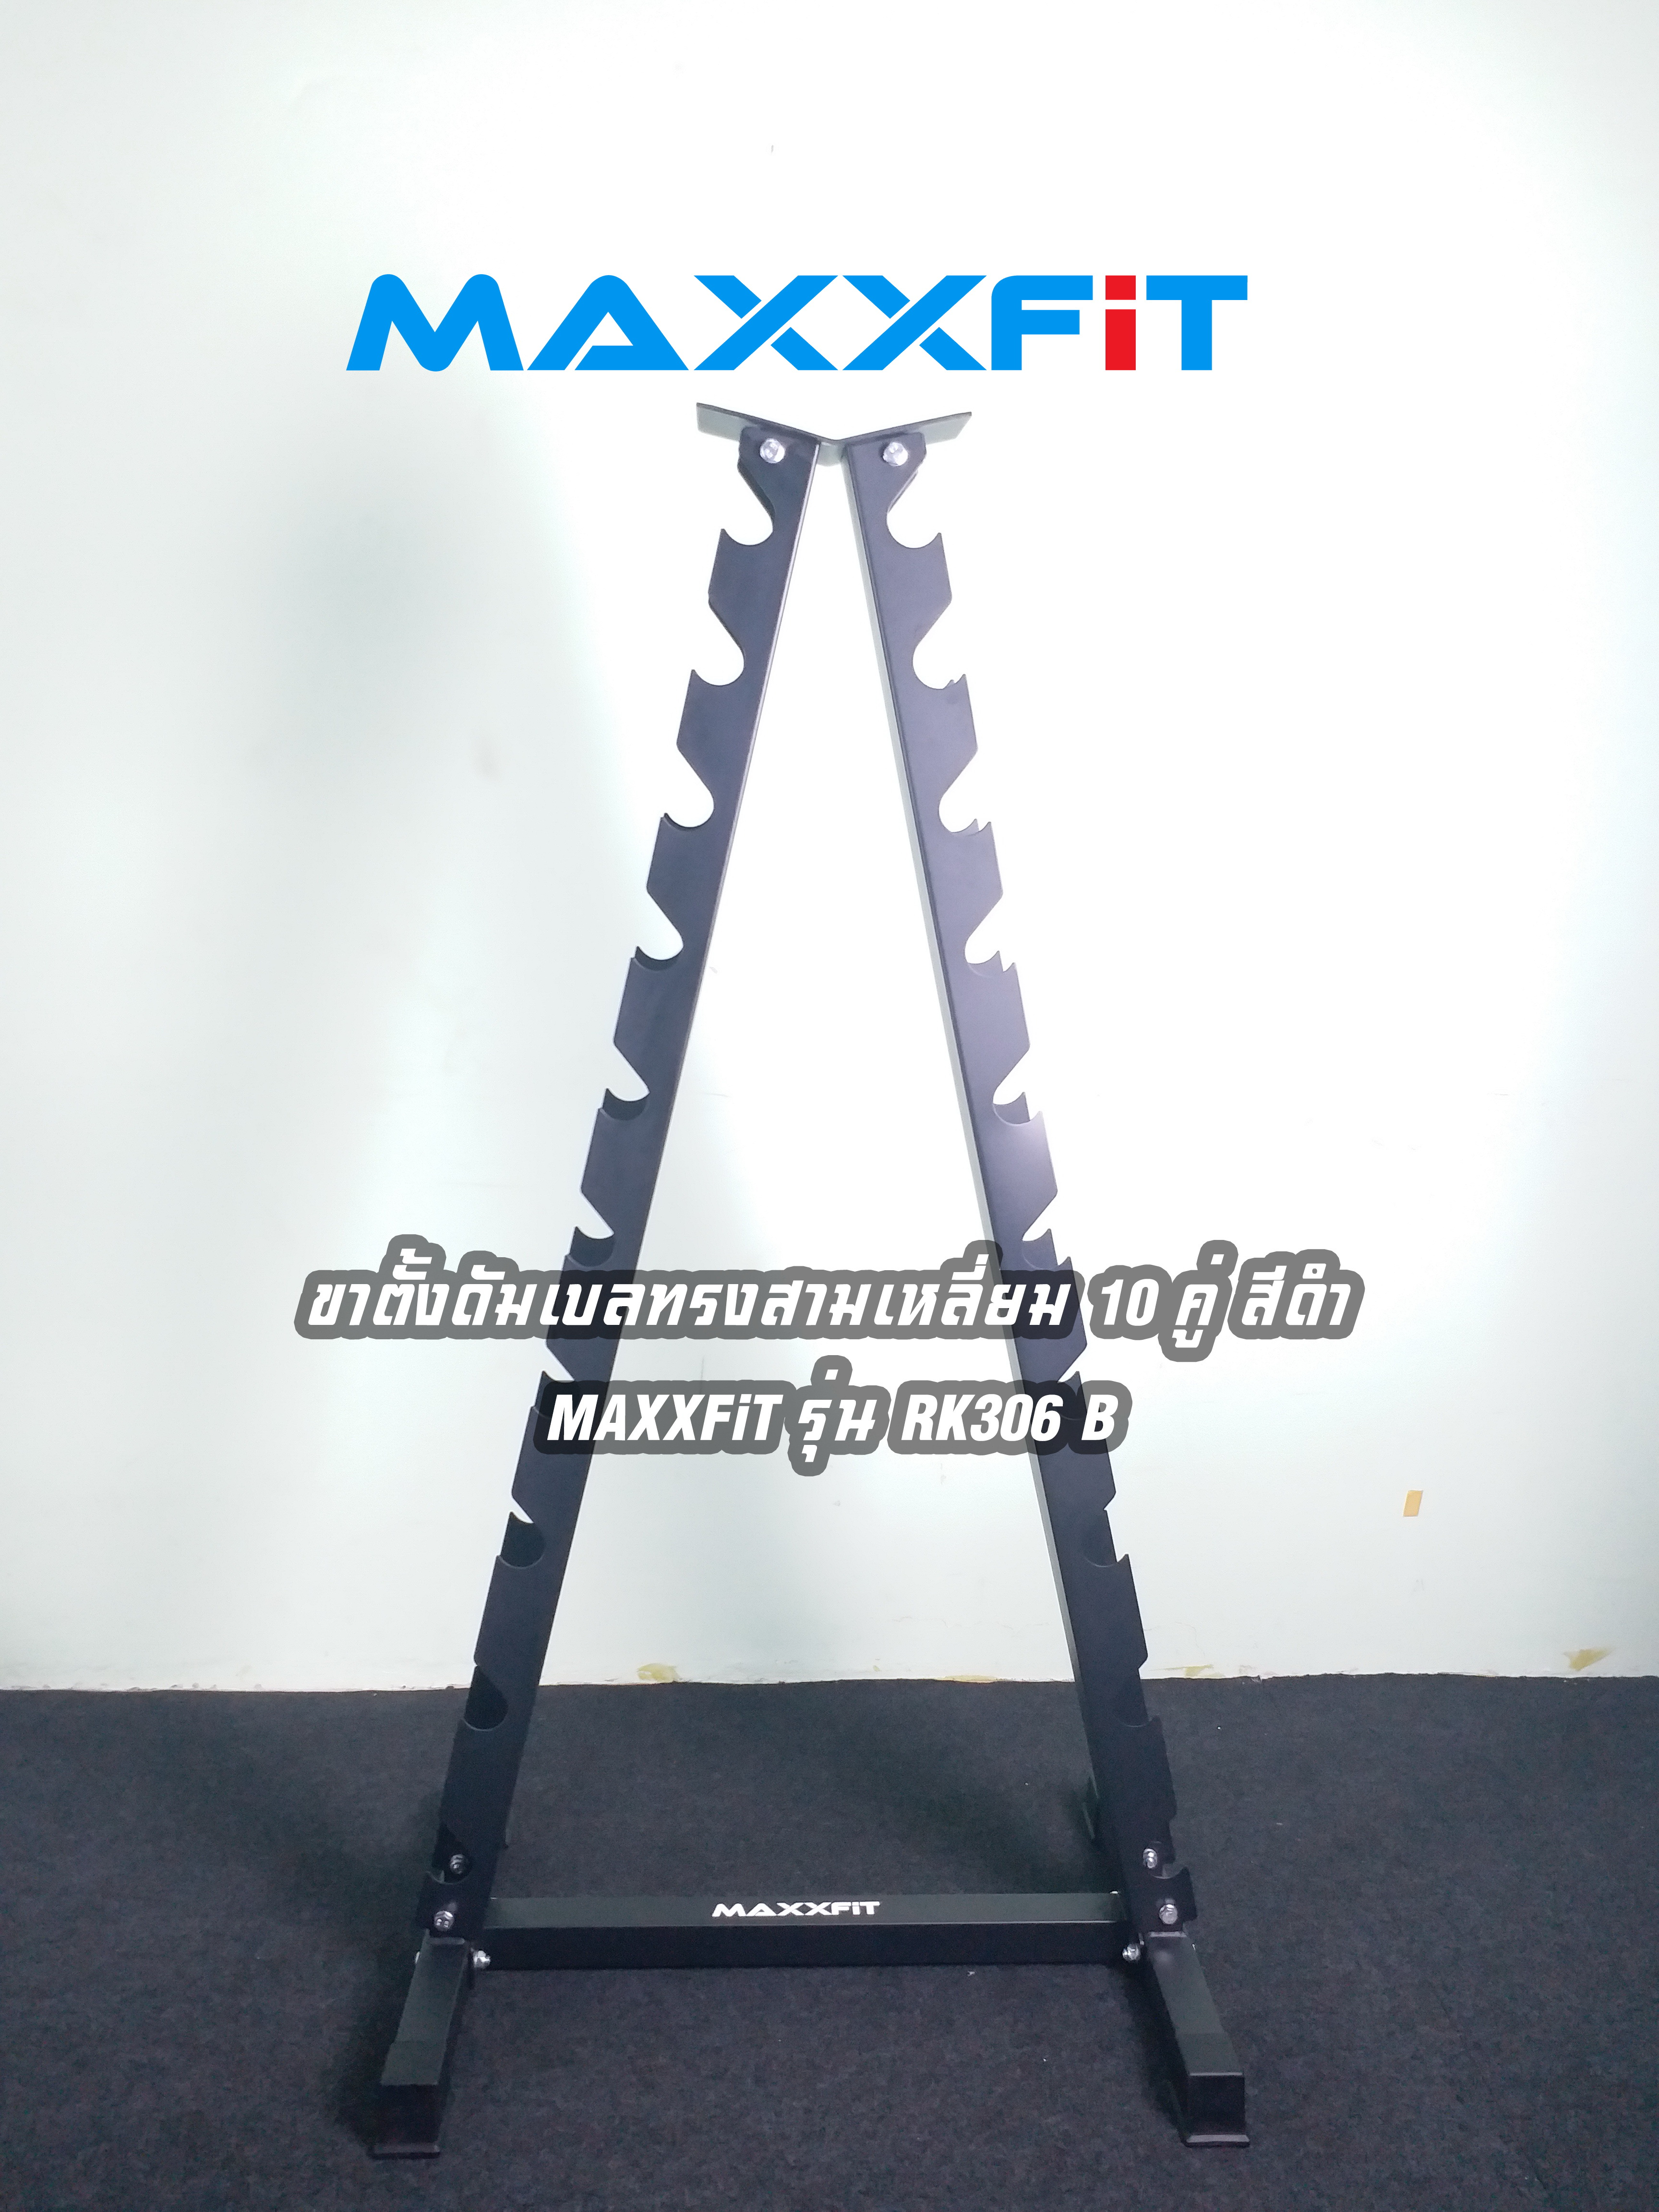 ขาย ขาตั้งดัมเบลทรงสามเหลี่ยม 10 คู่ สีดำ MAXXFiT รุ่น RK306 B